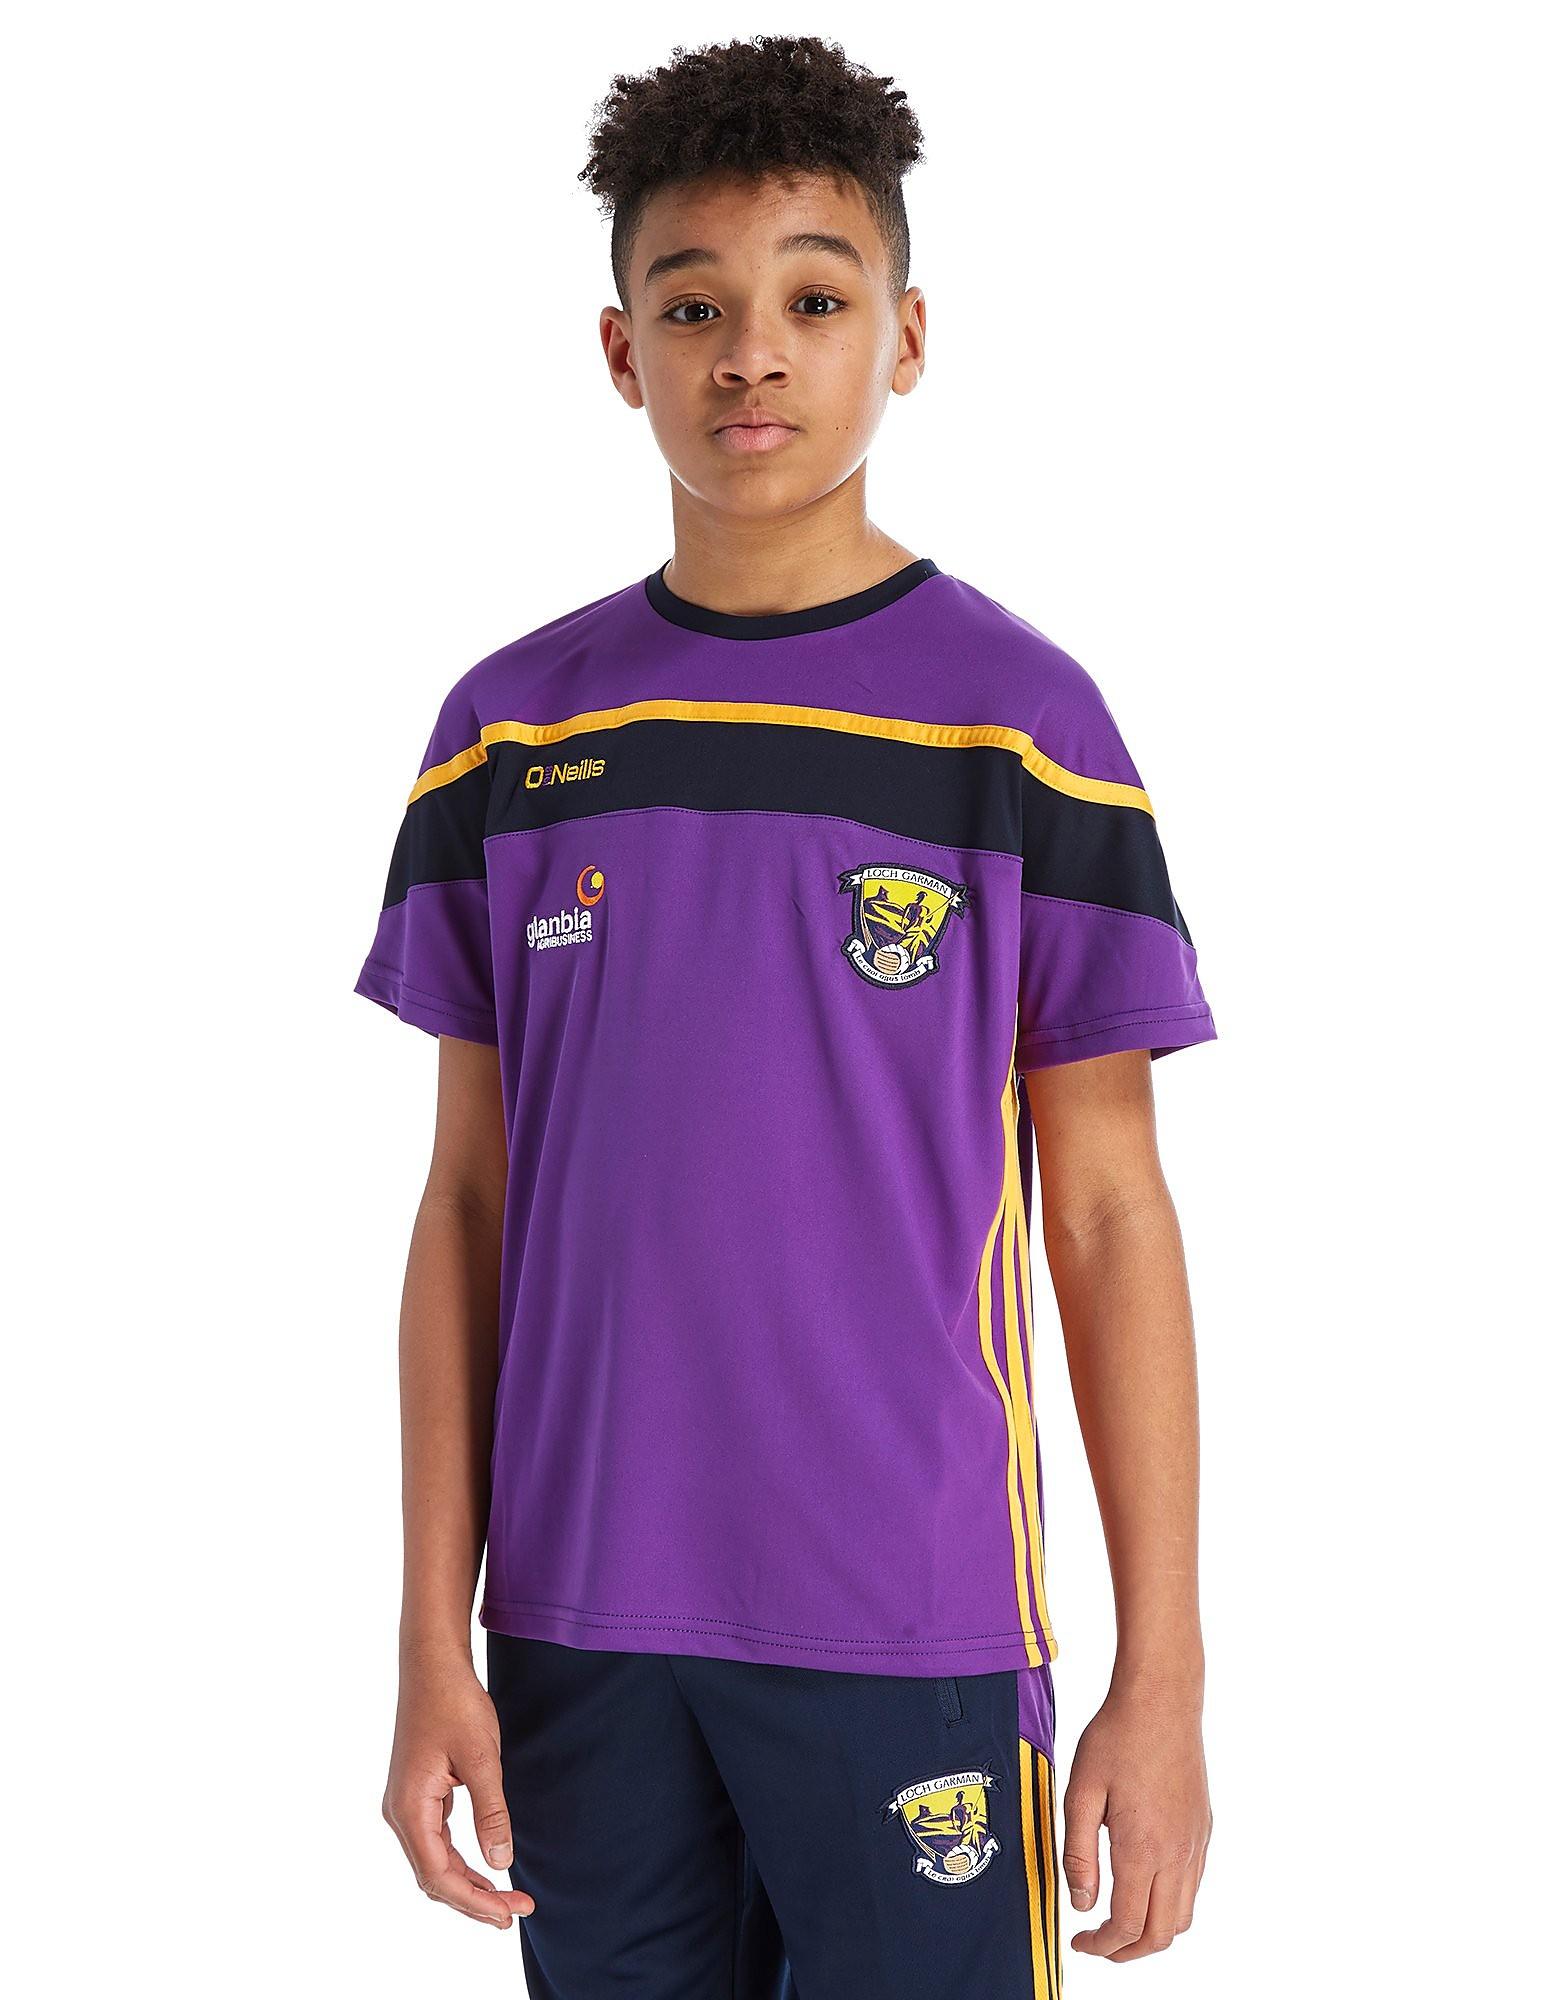 O'Neills Wexford T-Shirt Junior